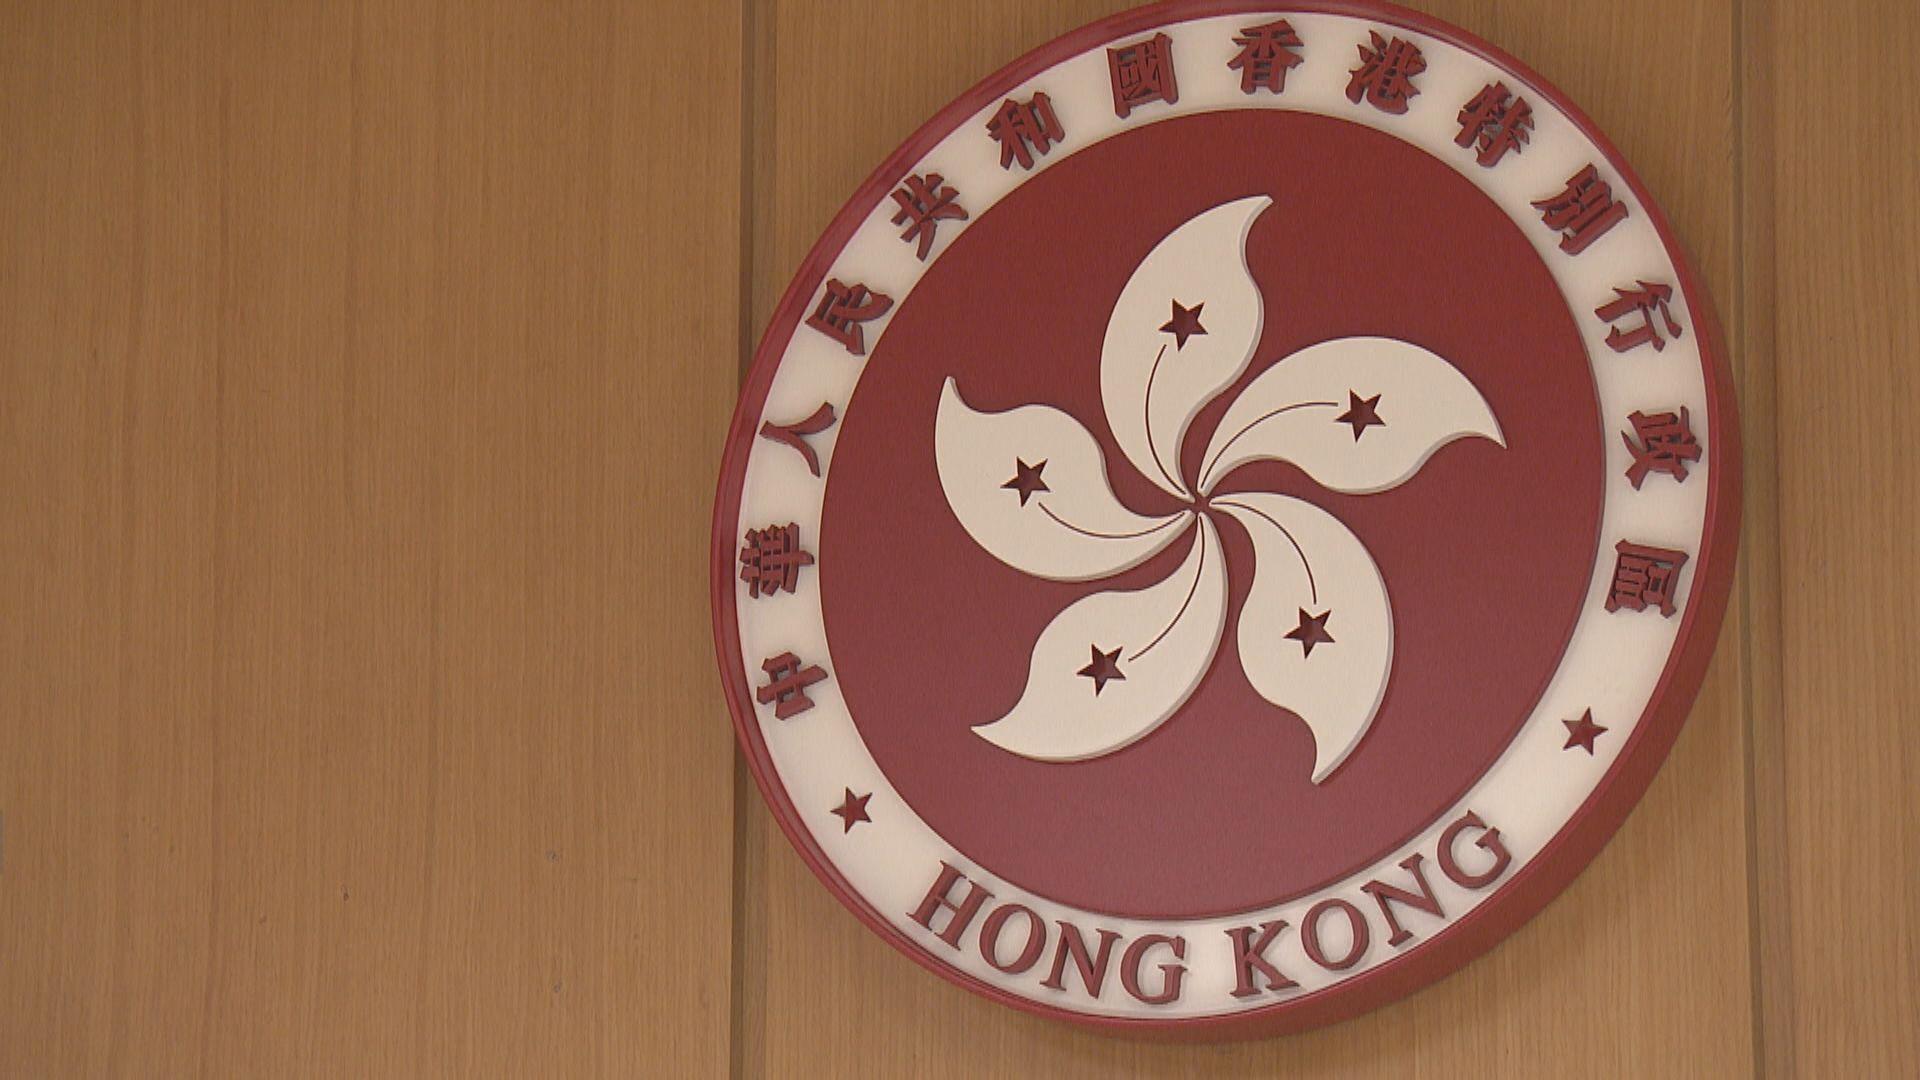 許智峯流亡海外 特區政府強烈譴責任何棄保潛逃